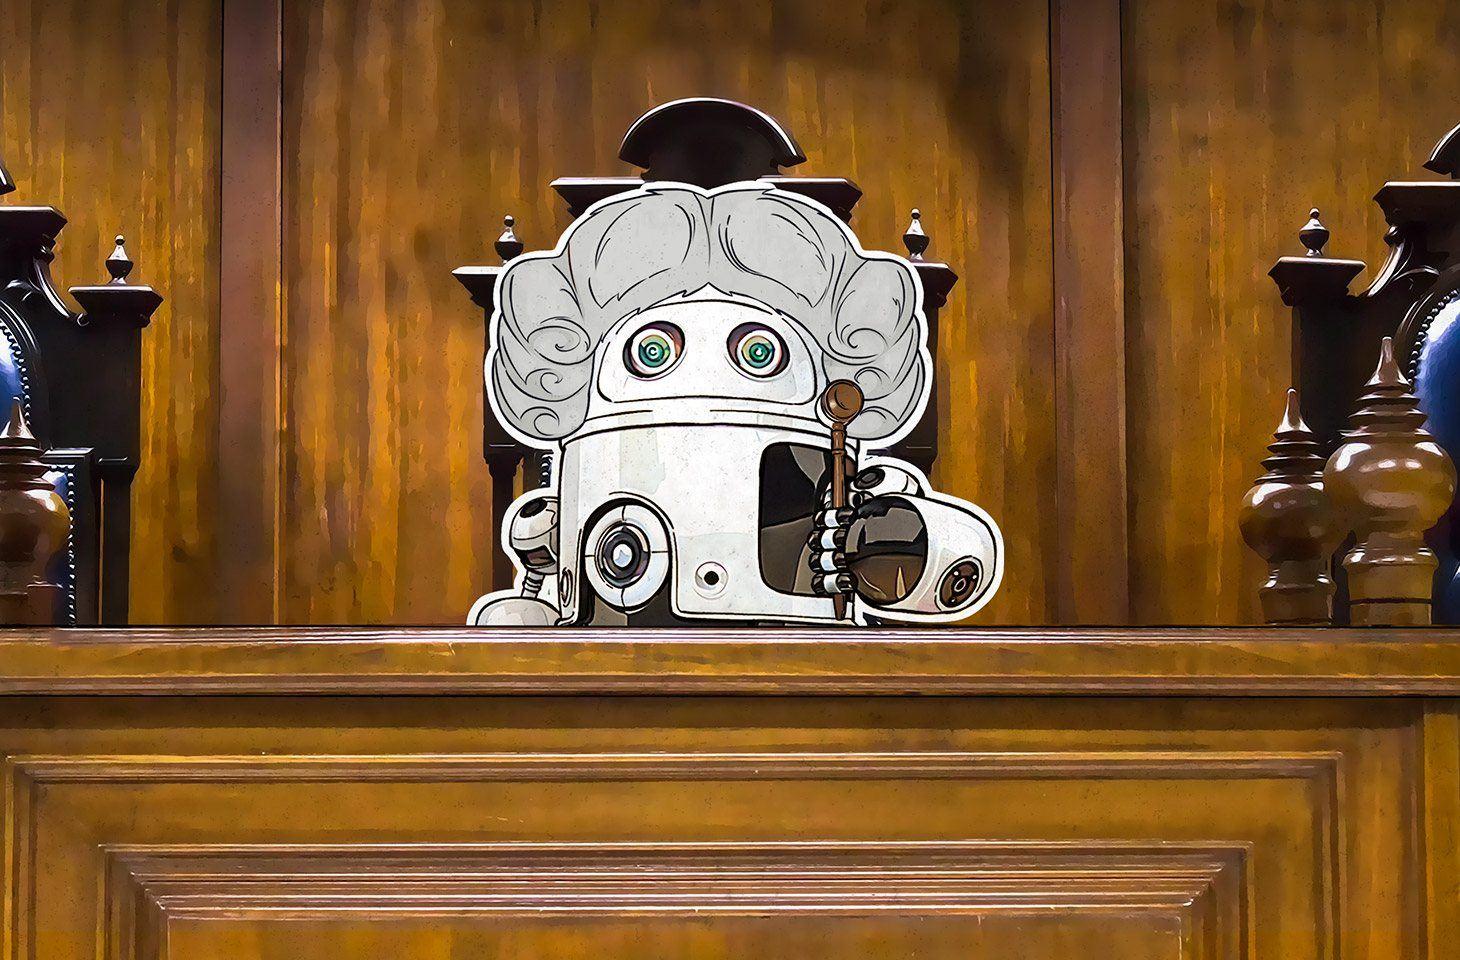 裁判官、警官、医師の仕事を助ける人工知能。その意思決定はどのように行われるのでしょうか?